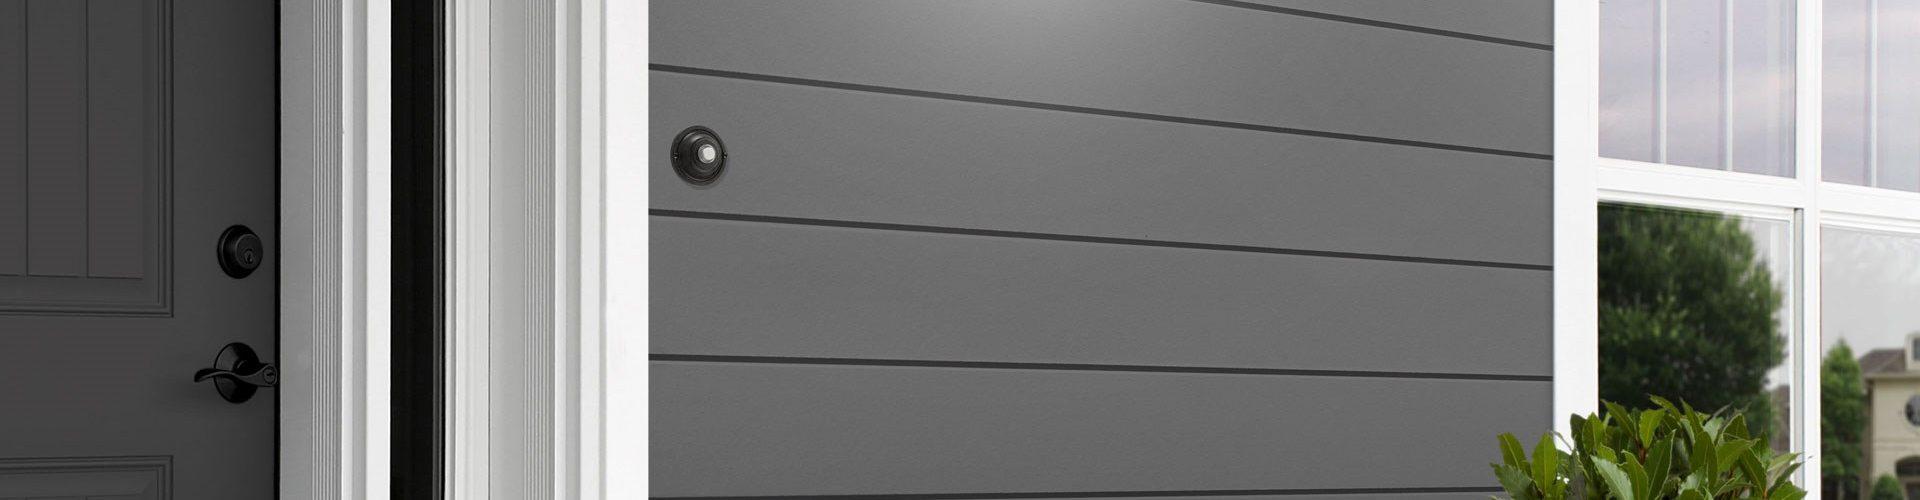 Cedral Click Smooth C54 Antratsiit - fassaad - sile fassaadilaud - voodrilaud